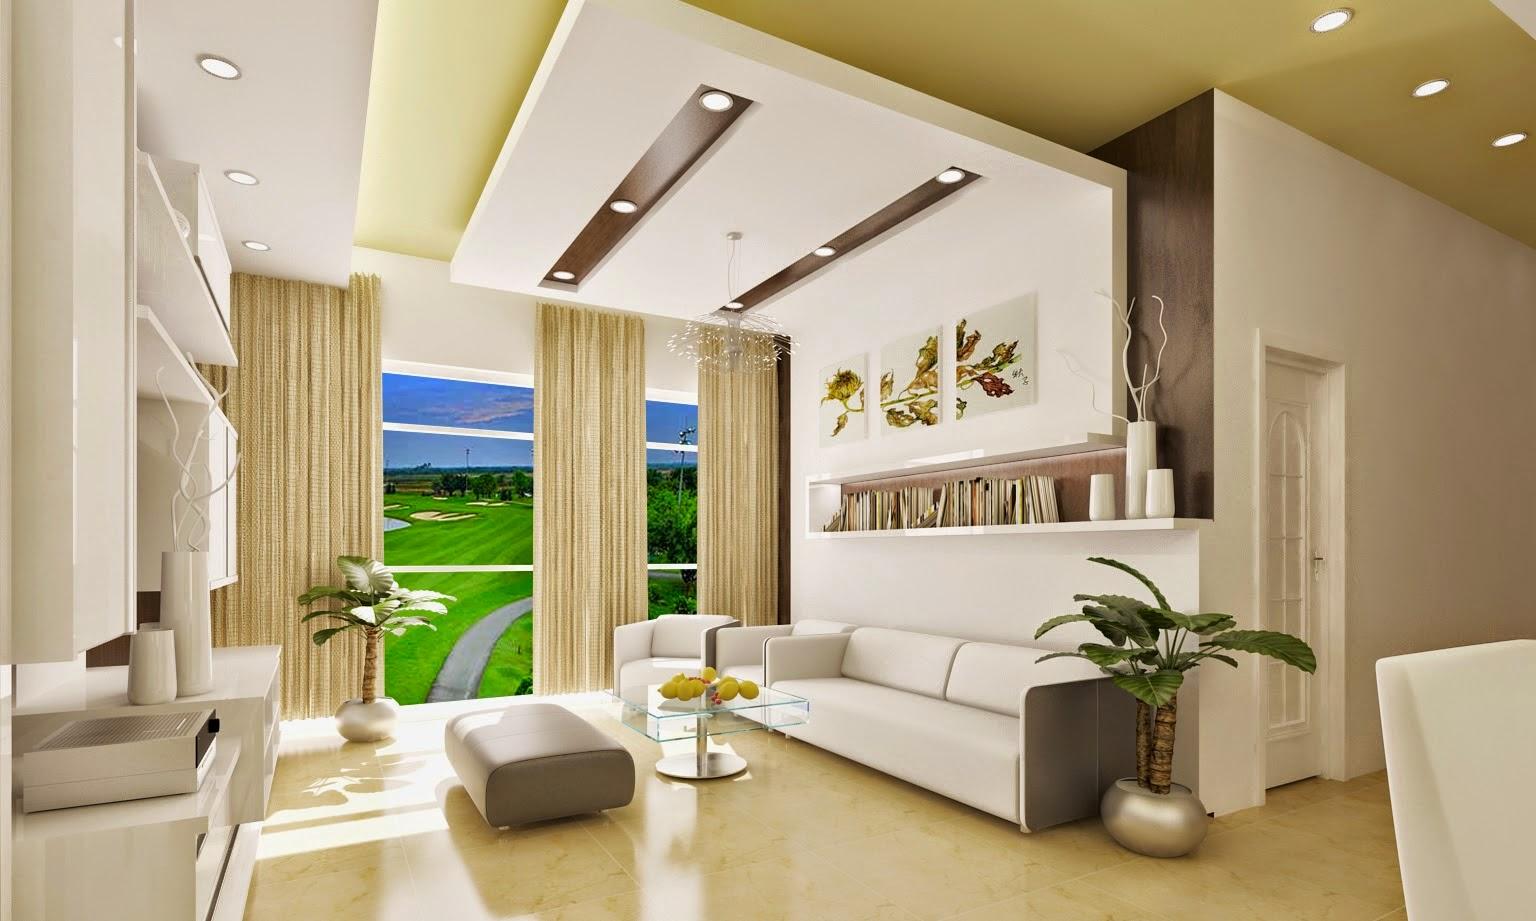 Thiết kế độc đáo của căn hộ Imperia Sky Garden Minh Khai